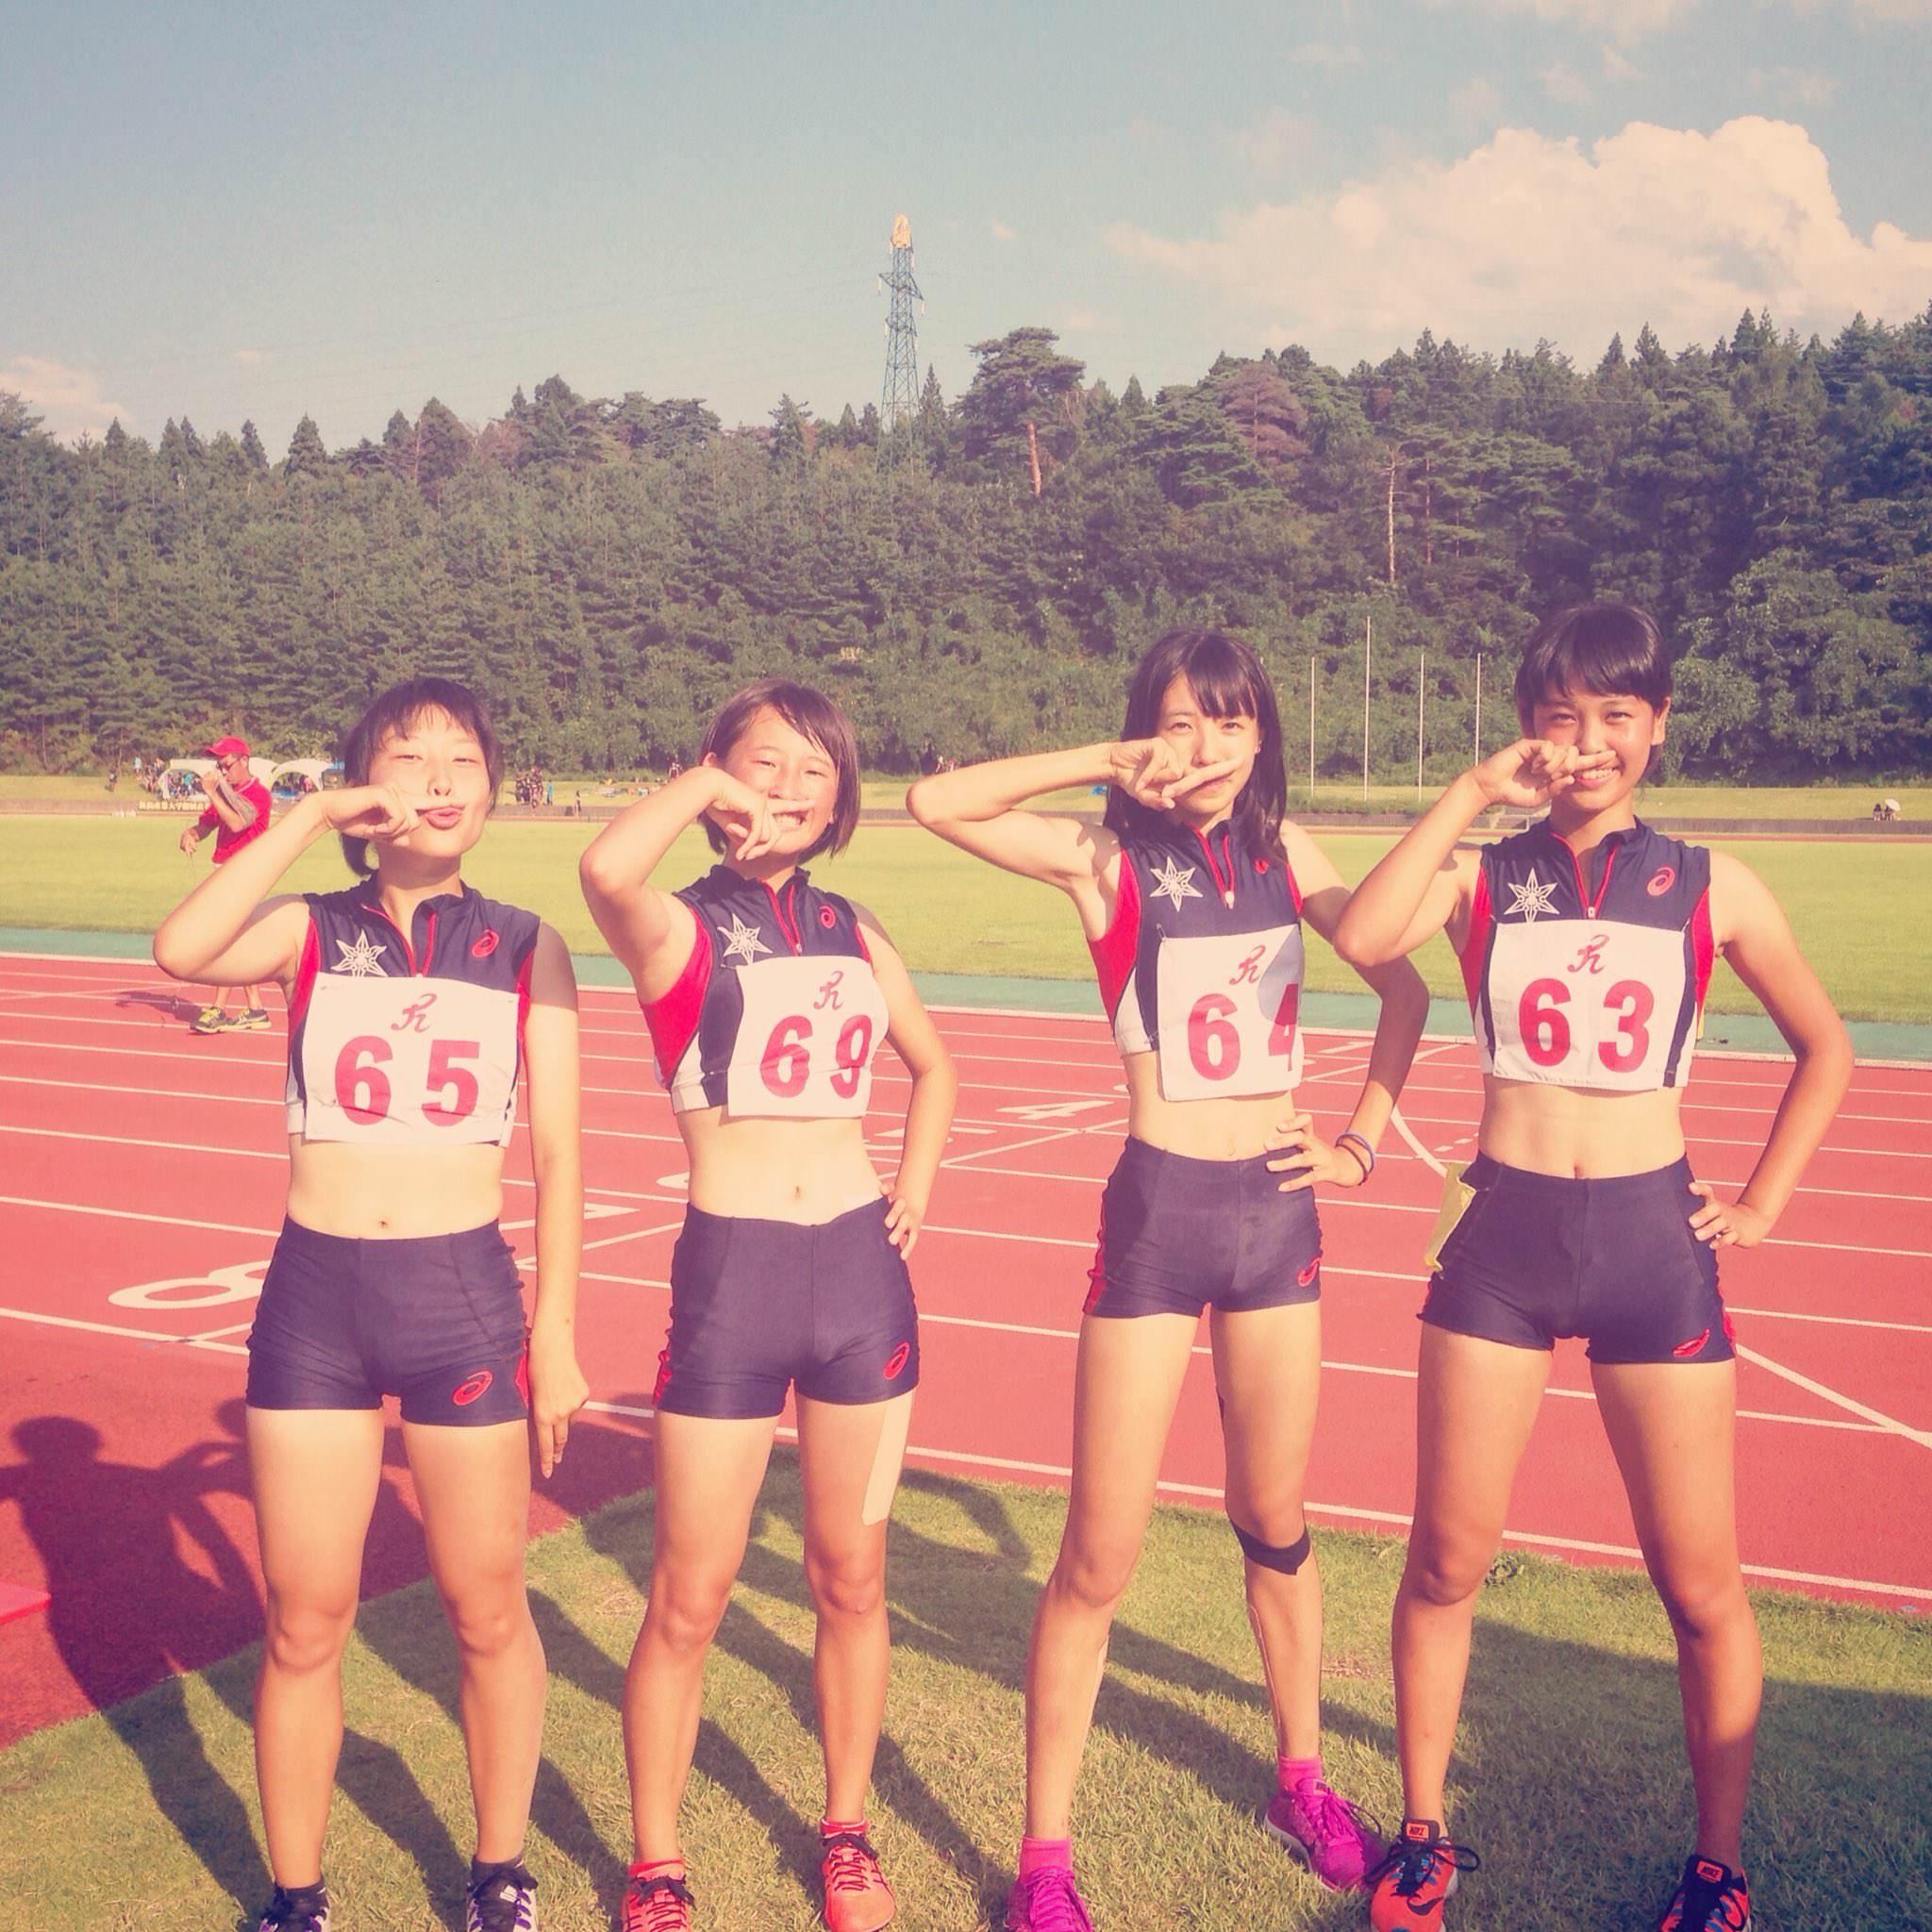 スポーツする女の子のクッソエロい画像をくださいwwwwww BsaSDk8